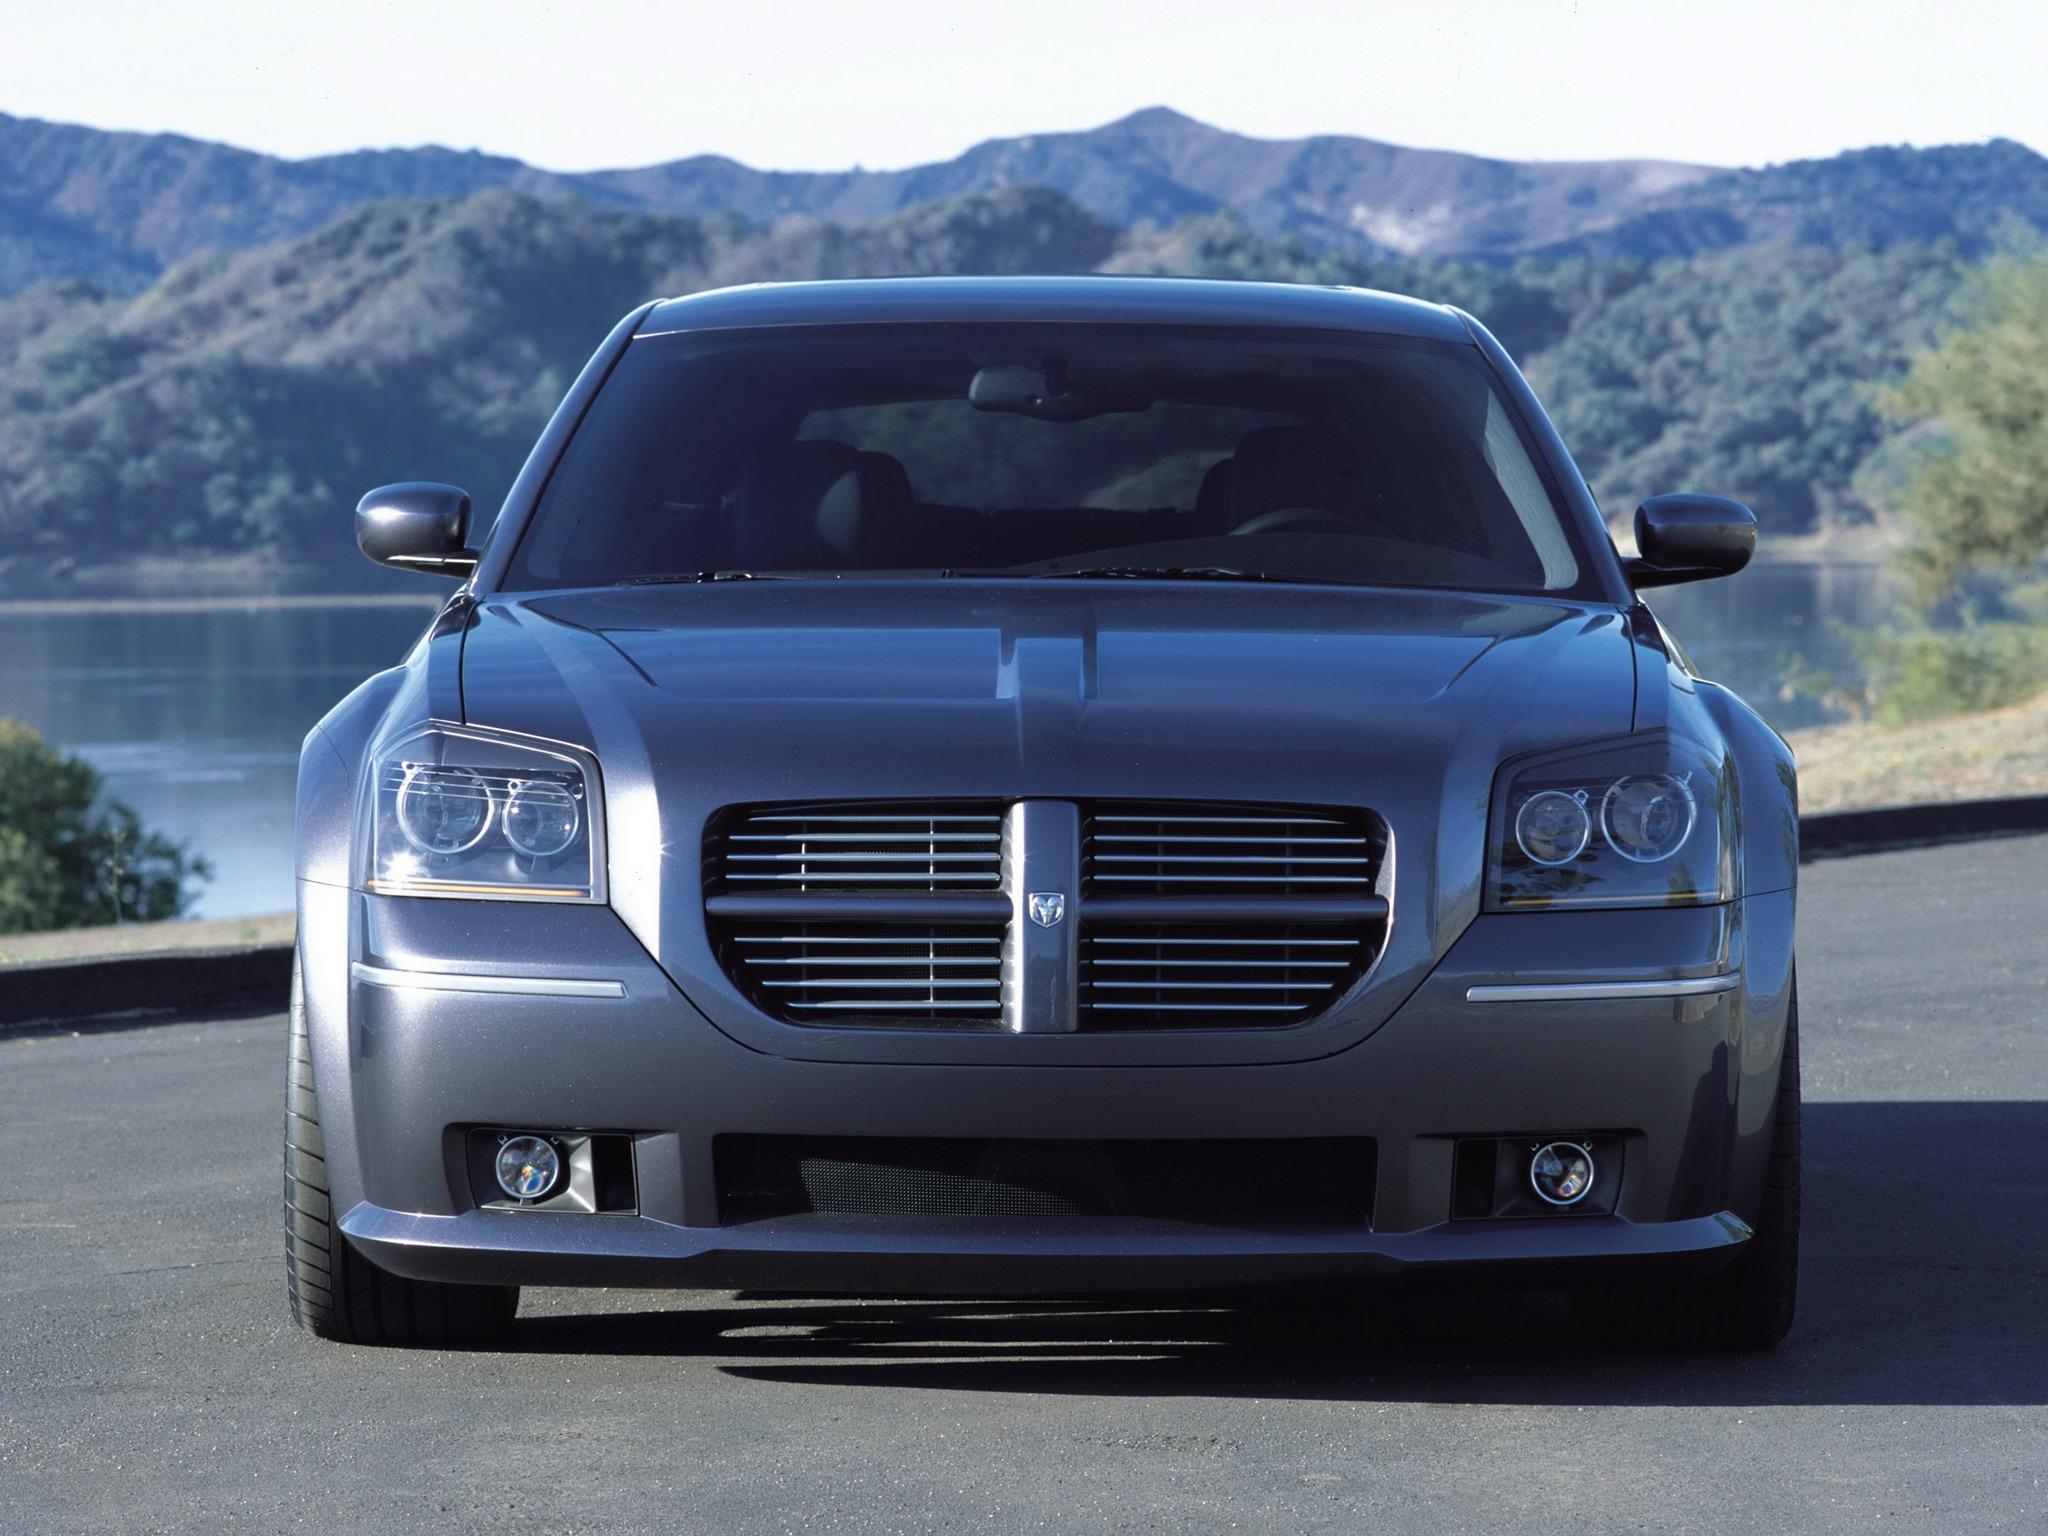 2007 Dodge Magnum | conceptcarz.com |2014 Dodge Magnum Concept